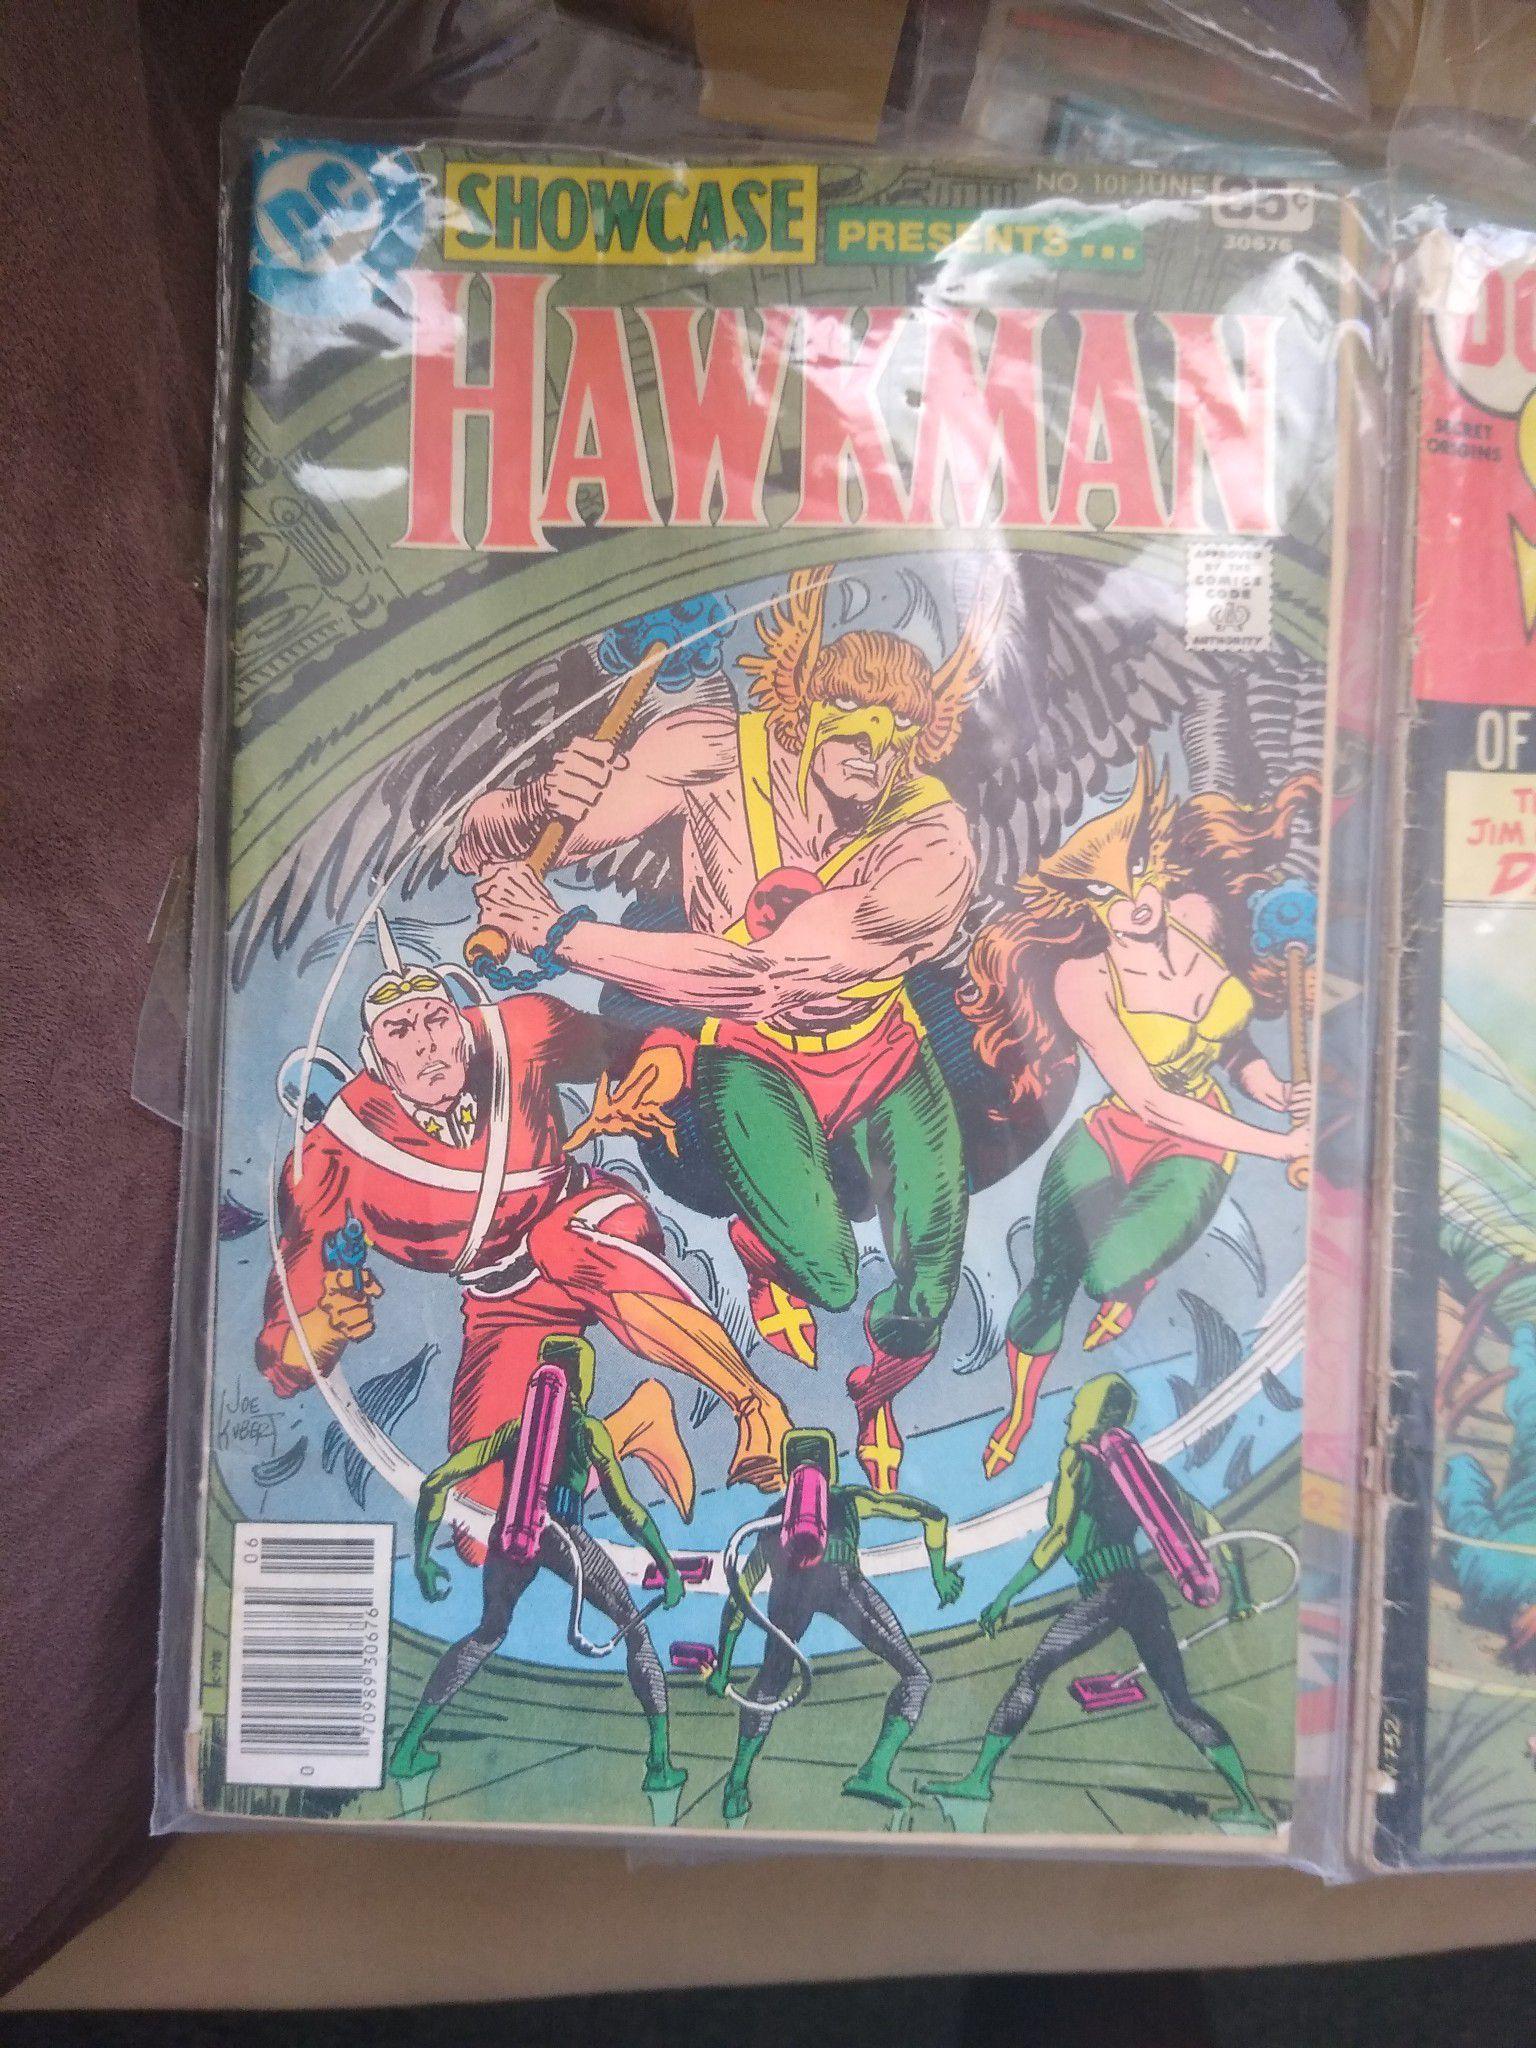 RARE FIND HAWKMAN